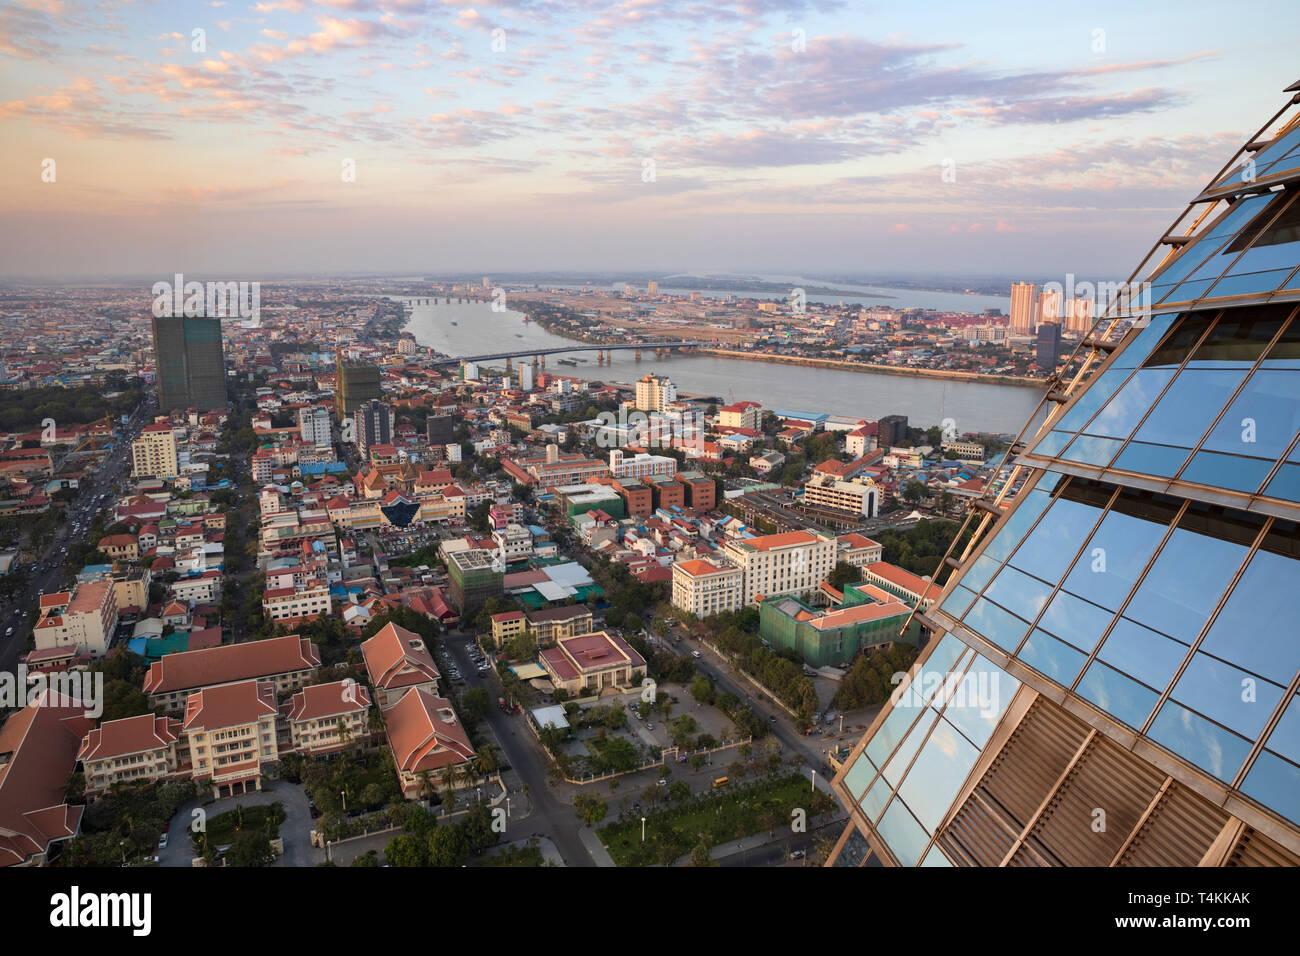 Vistas de la ciudad al atardecer desde el Sky Bar en el Rosewood Phnom Penh, Phnom Penh, Camboya, Sudeste Asiático, Asia Foto de stock